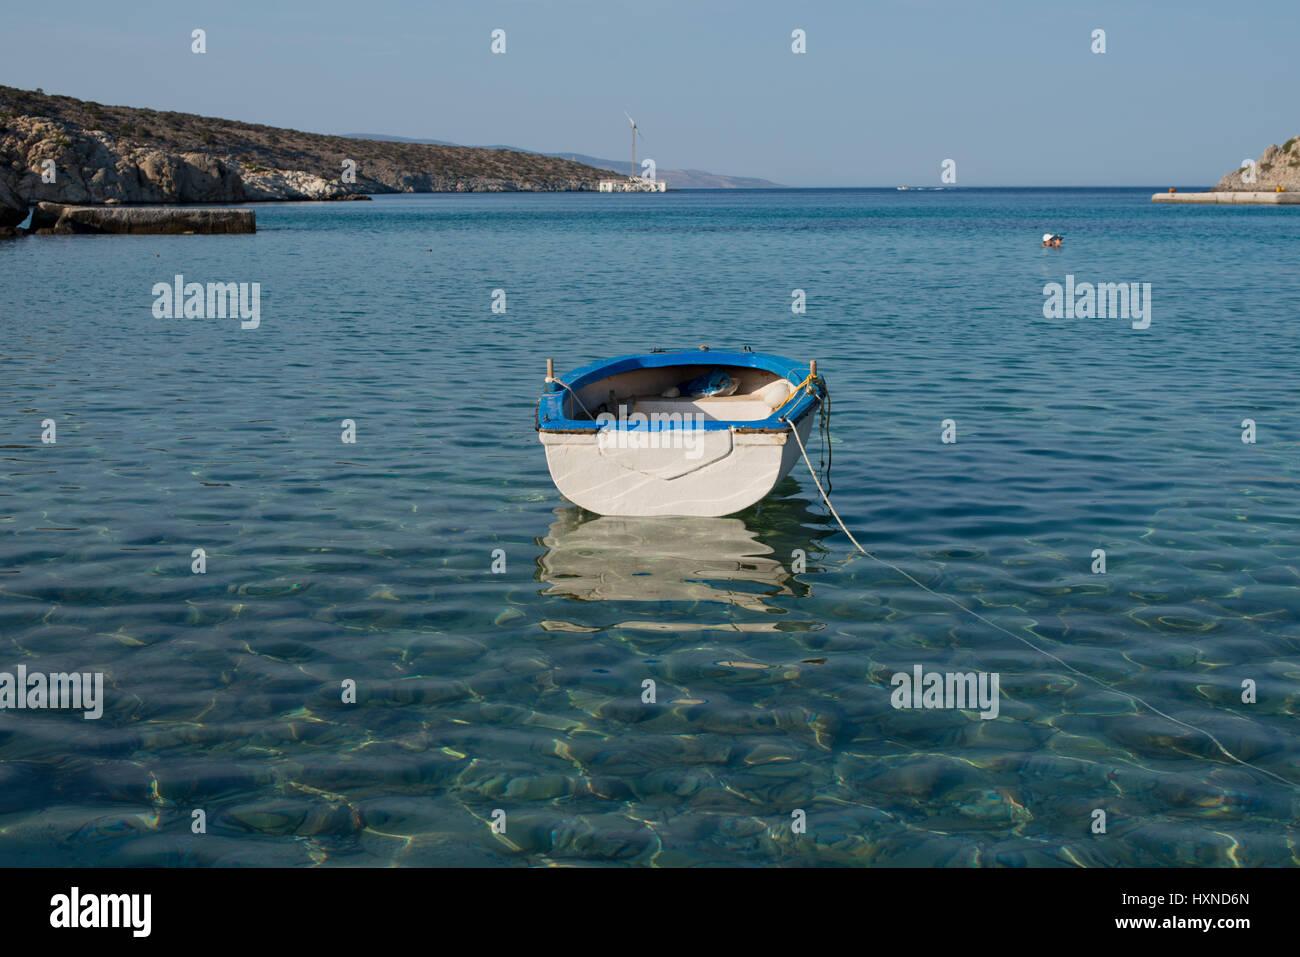 weiß-blaues kleines Boot vor Agios Georgios im gldenen Nachmittagslicht, Iraklia Insel, kleine Kykladen, Griechenland - Stock Image